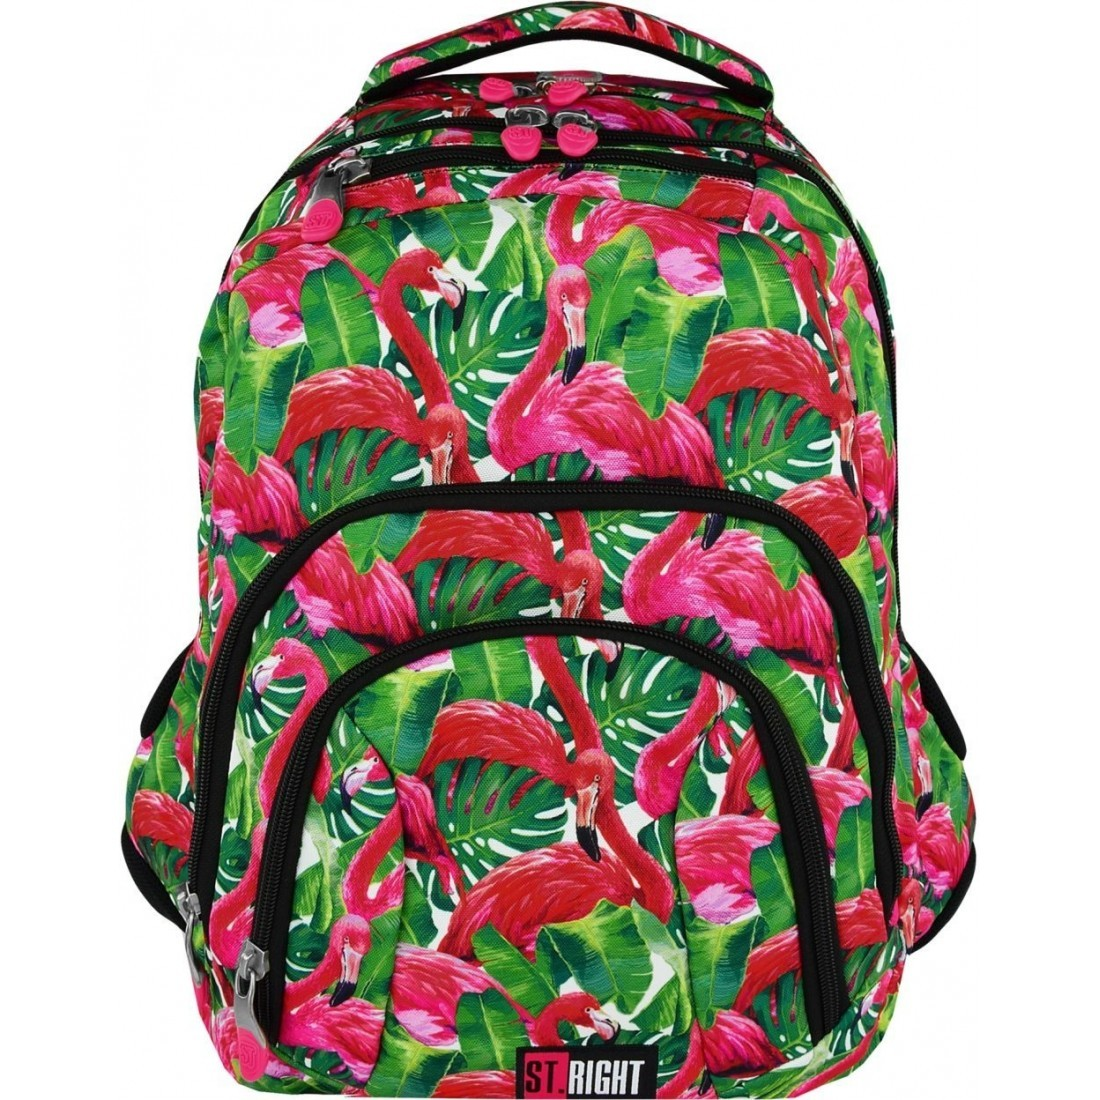 93bee142e4281 duży plecak szkolnyST.RIGHT model 25 został stworzony dla starszych uczniów  szkół podstawowych i licealistów - pojemność ok. 28 litrów (wysokość 45  cm). ...